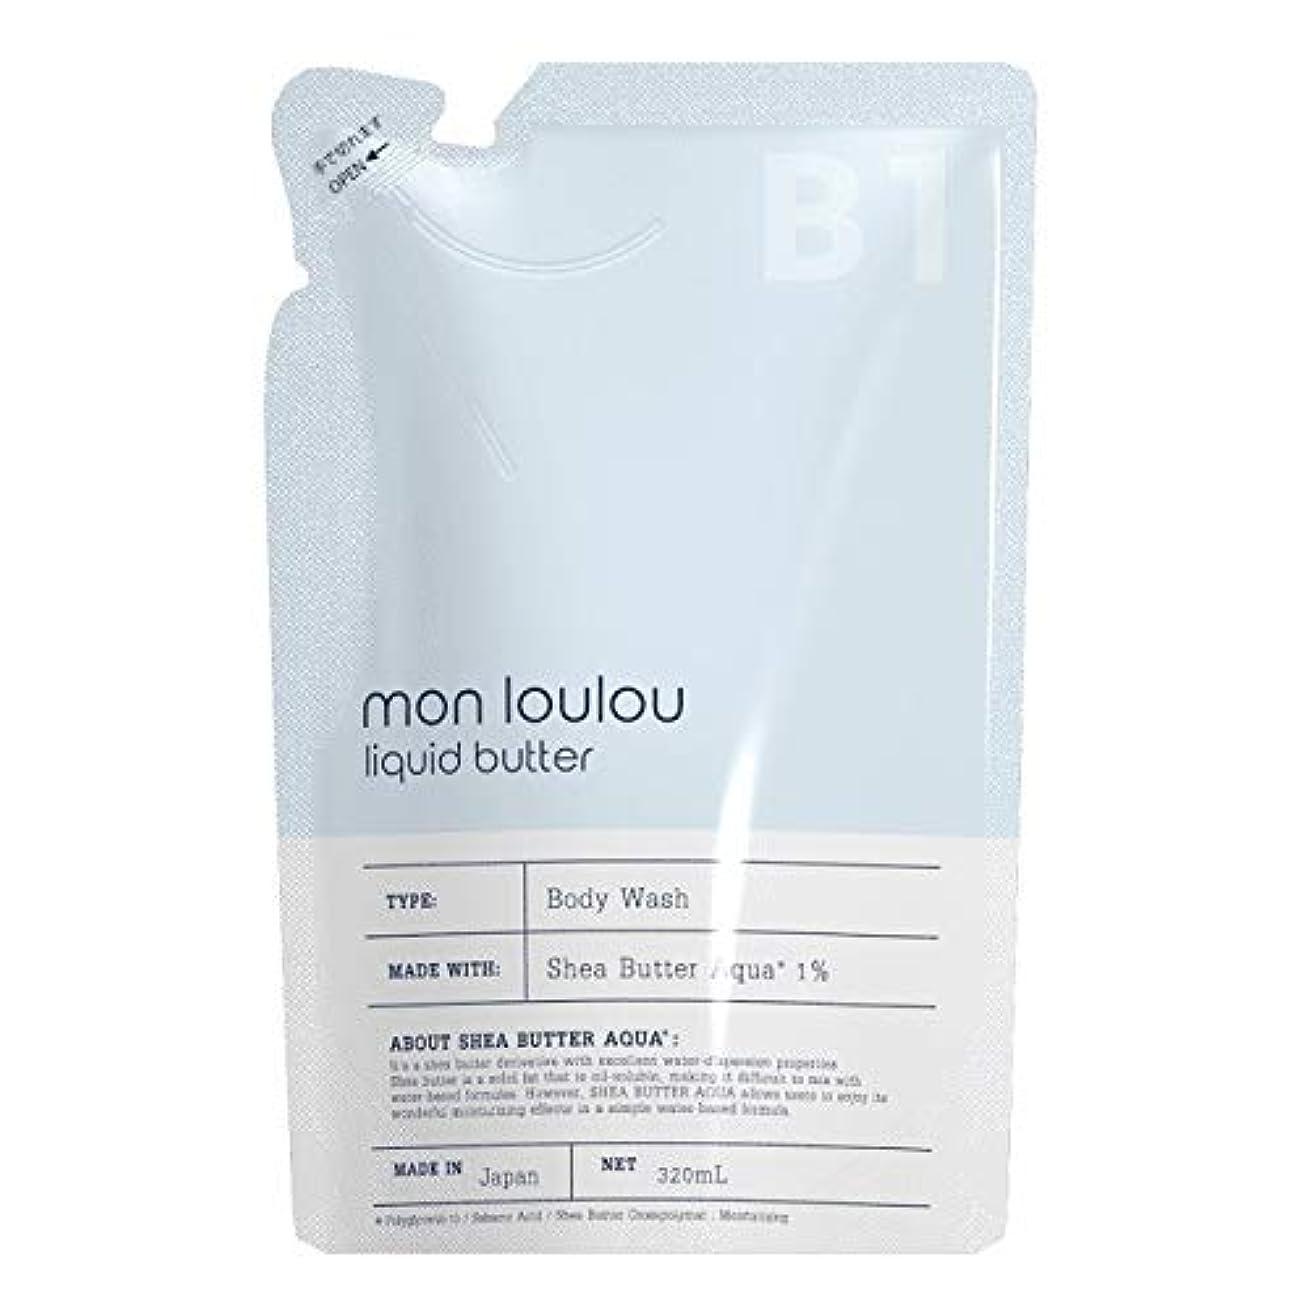 うがいガジュマルクリークモンルル1% ボディウォッシュ 詰替 320mL